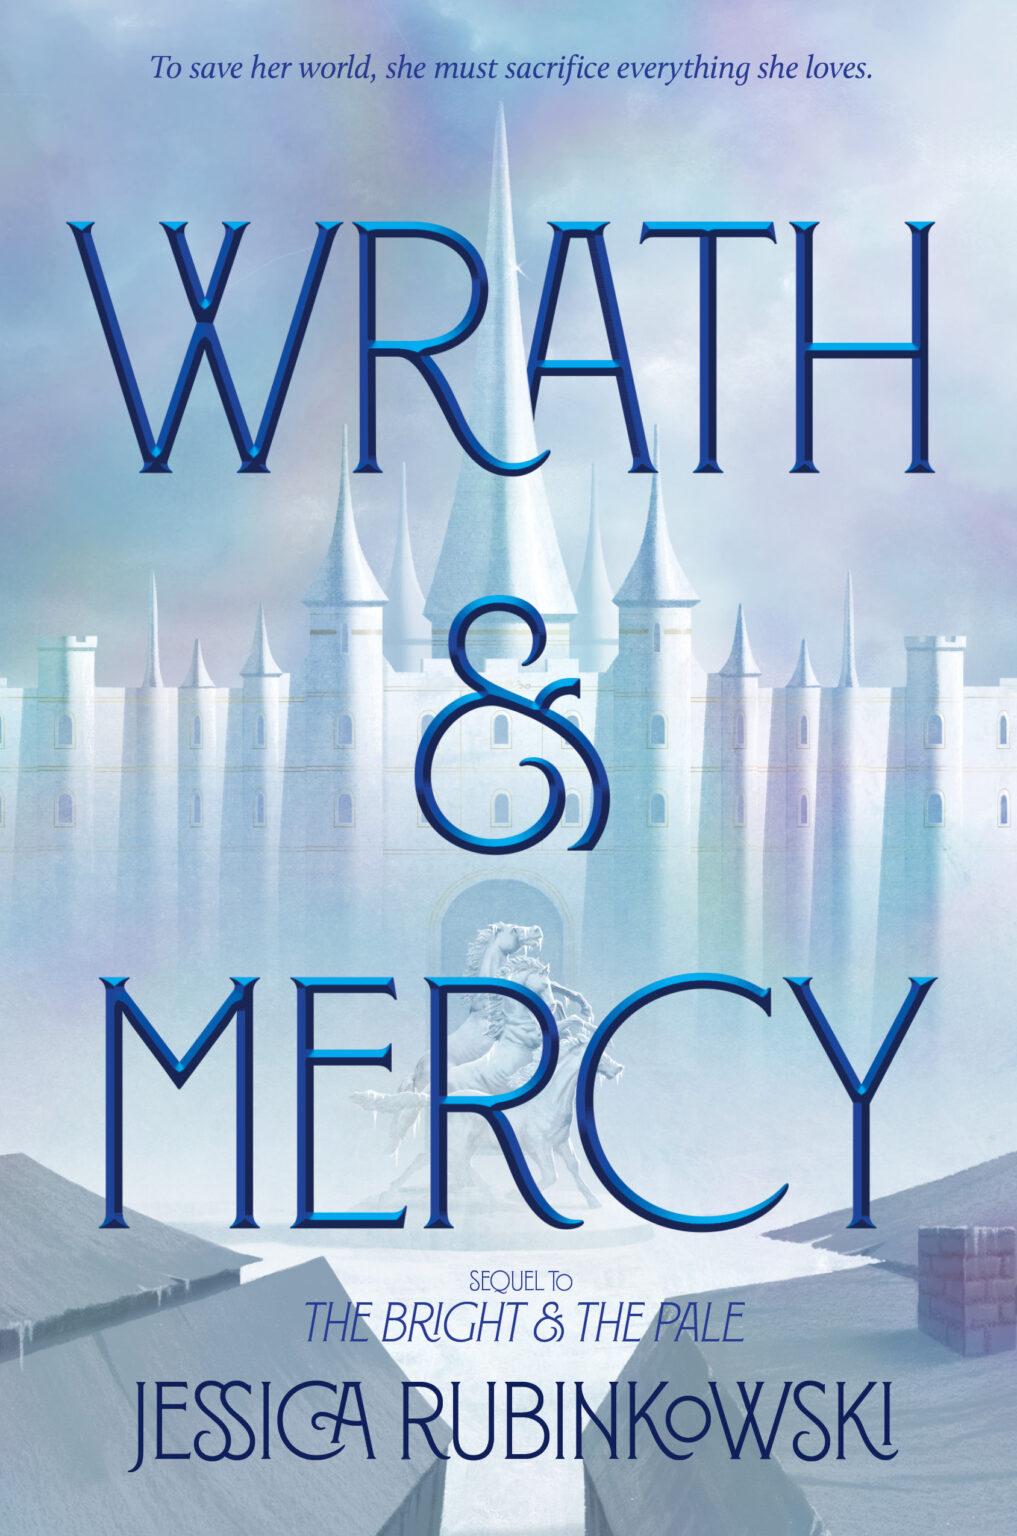 Wrath & Mercy by Jessica Rubinkowski